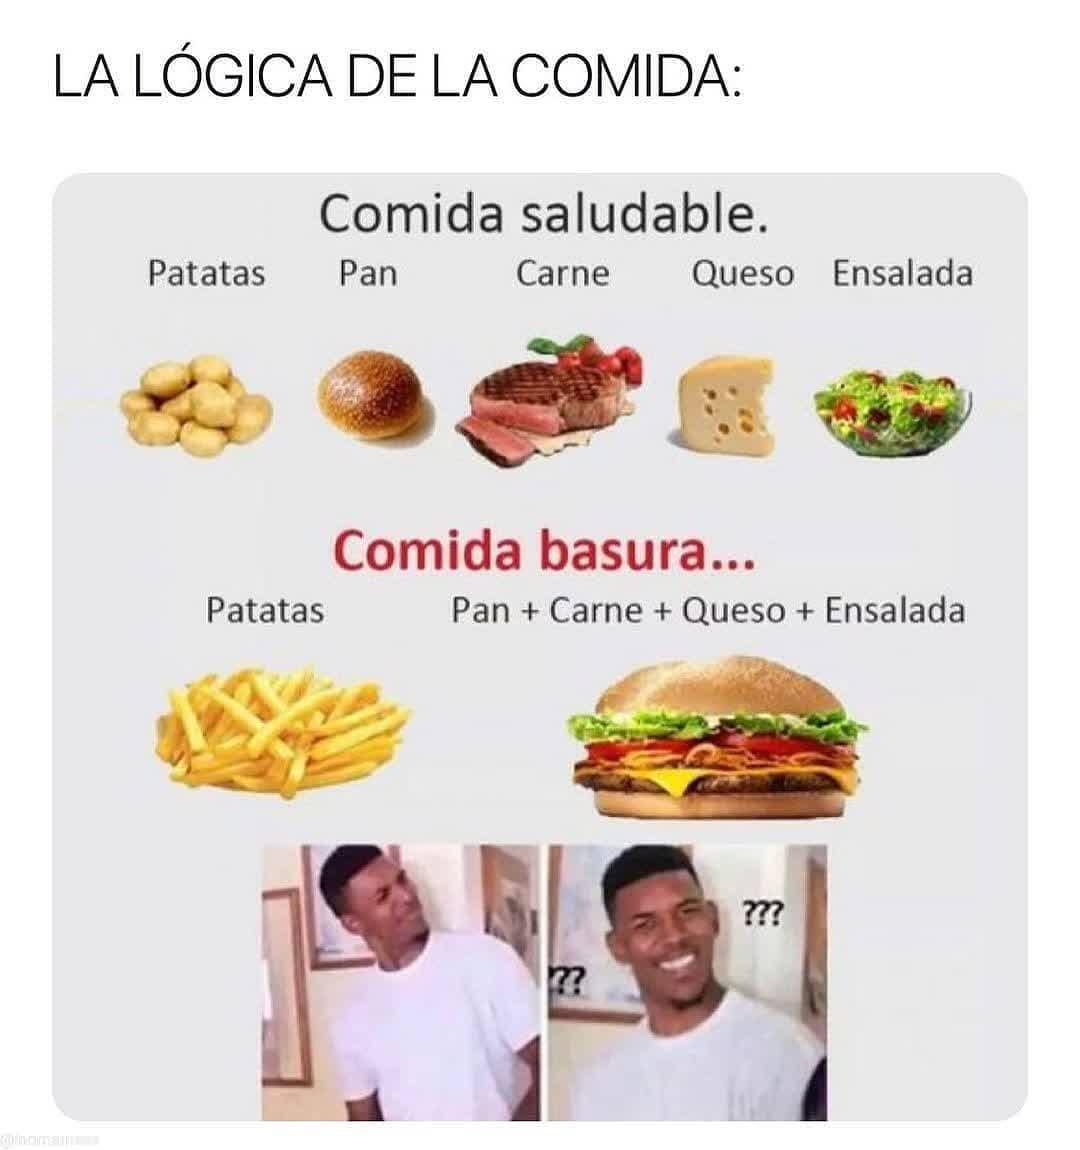 La lógica de la comida.  Comida saludable: Patatas. Pan. Carne. Queso. Ensalada.  Comida basura: Patatas. Pan + Carne + Queso + Ensalada.